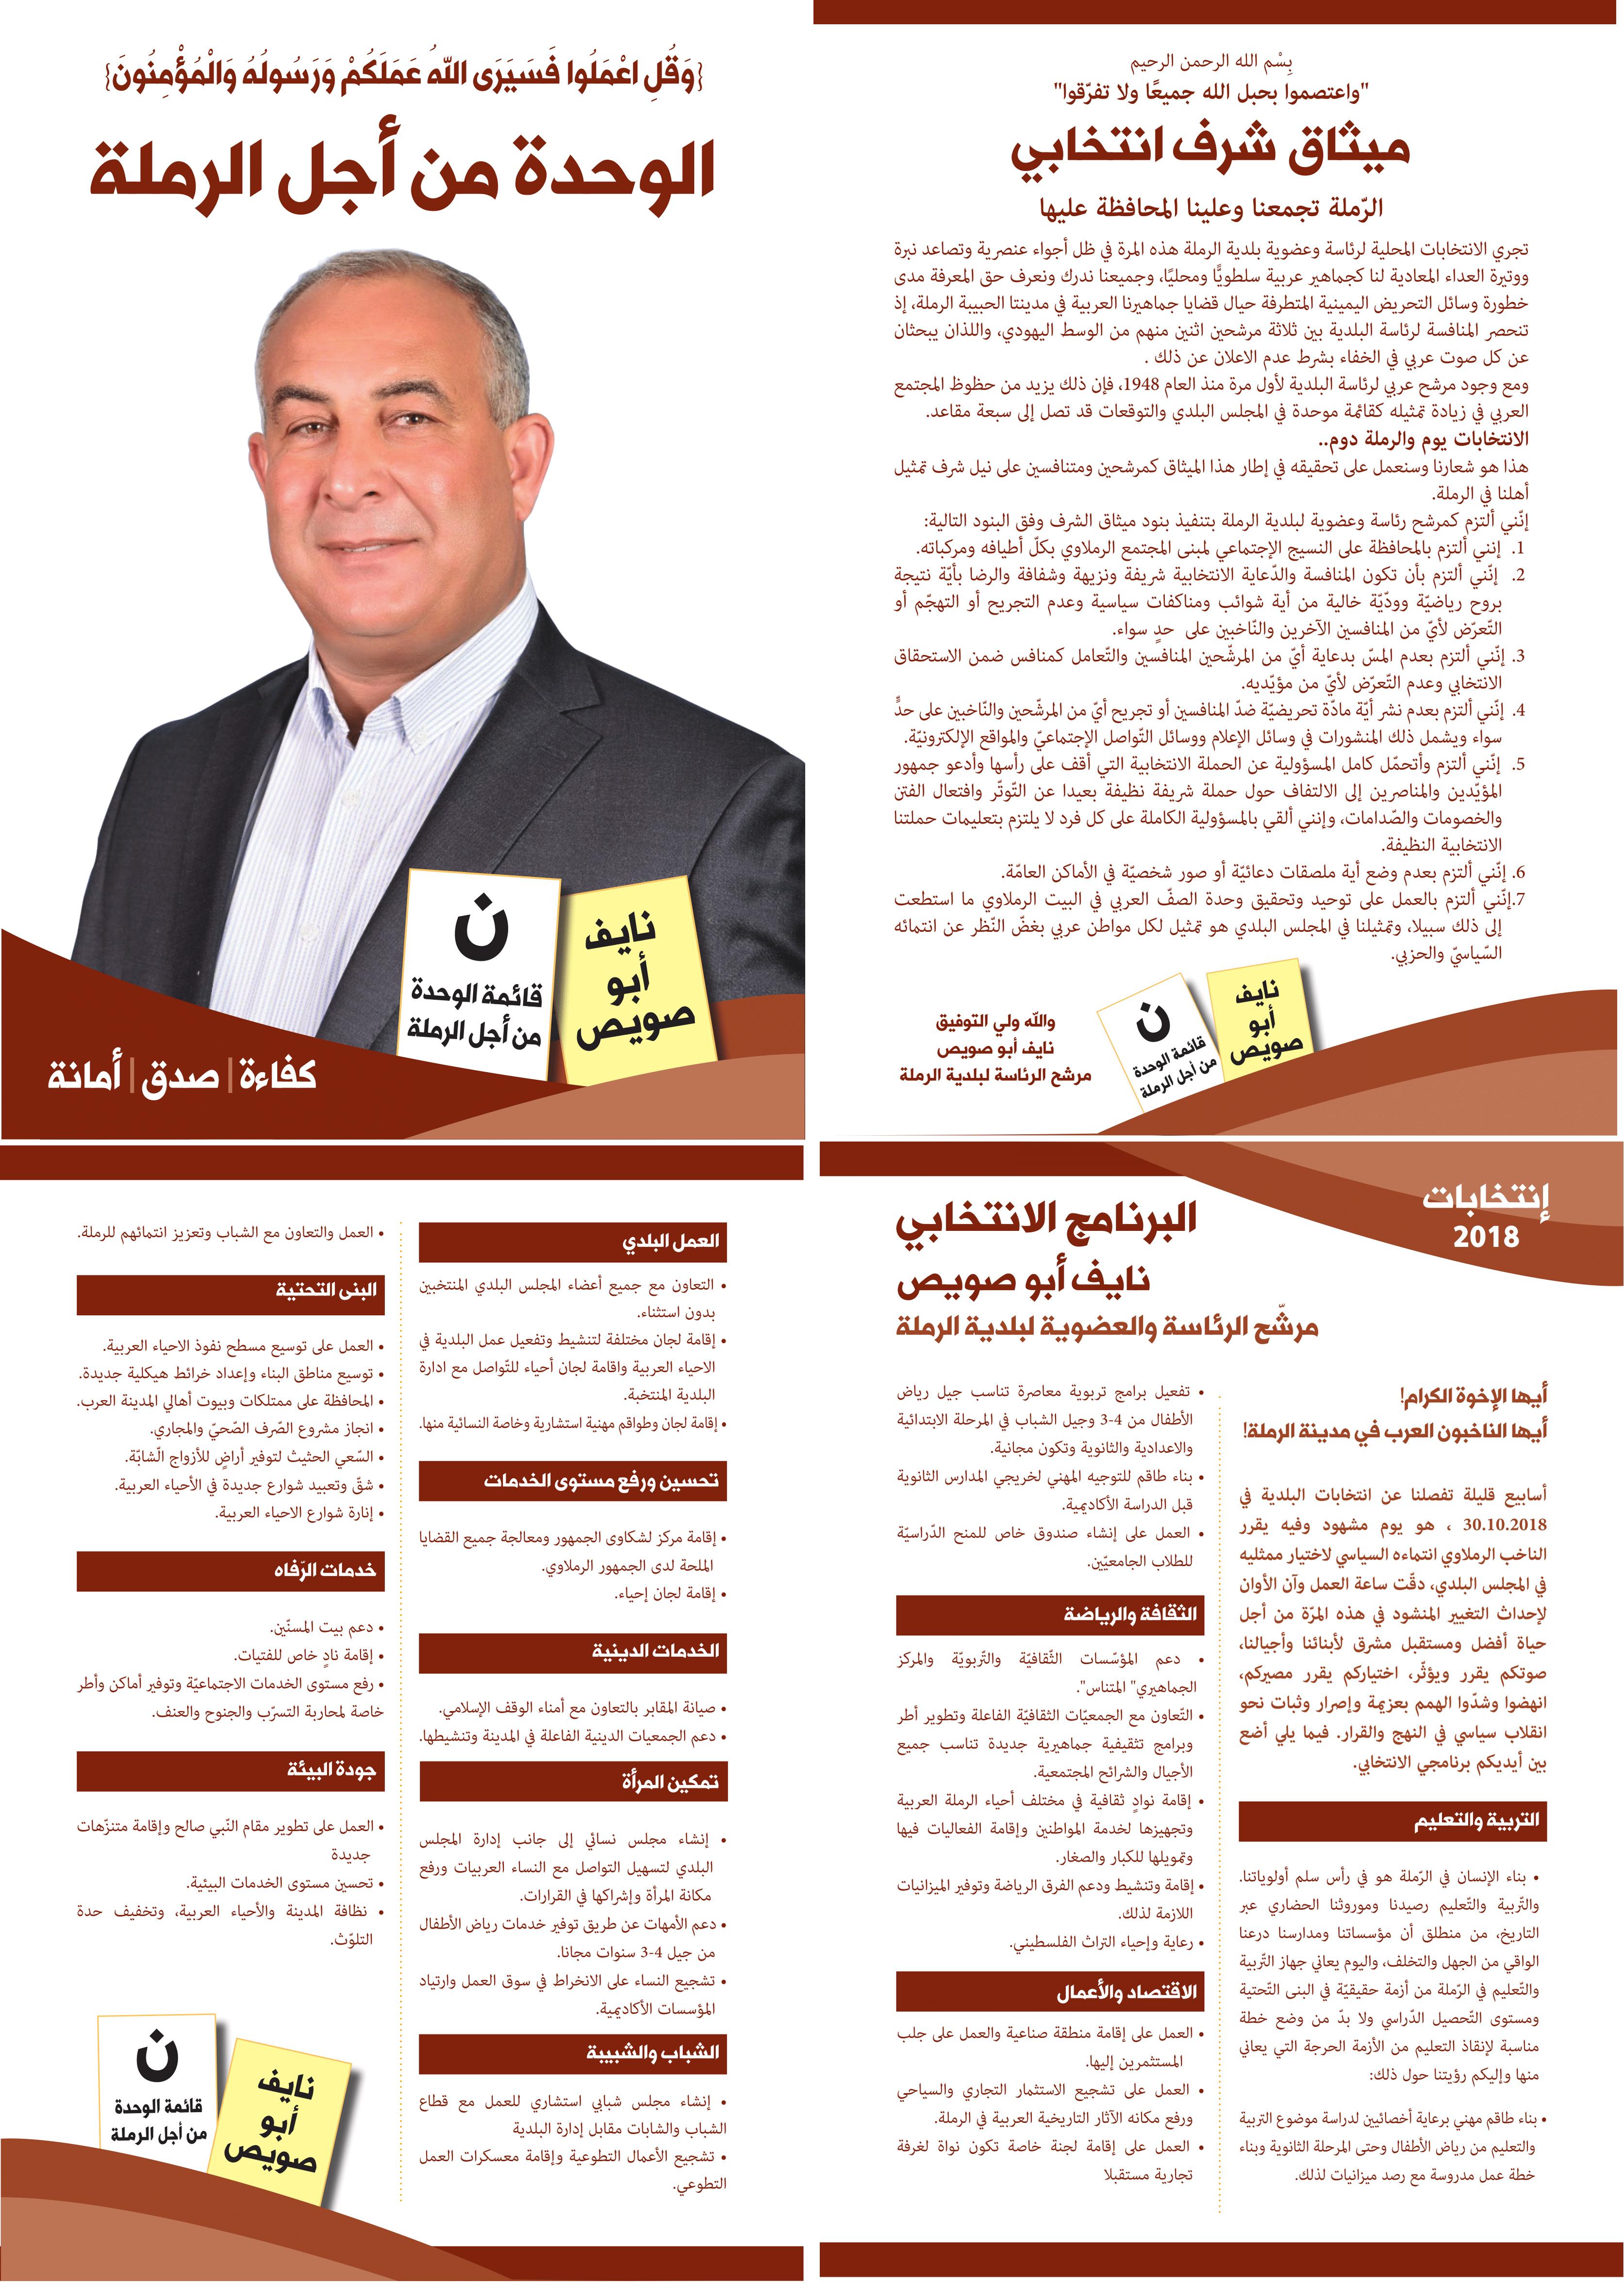 تعرف على المرشّح ورئيس قائمة الرملة موحدة نايف ابو صويص